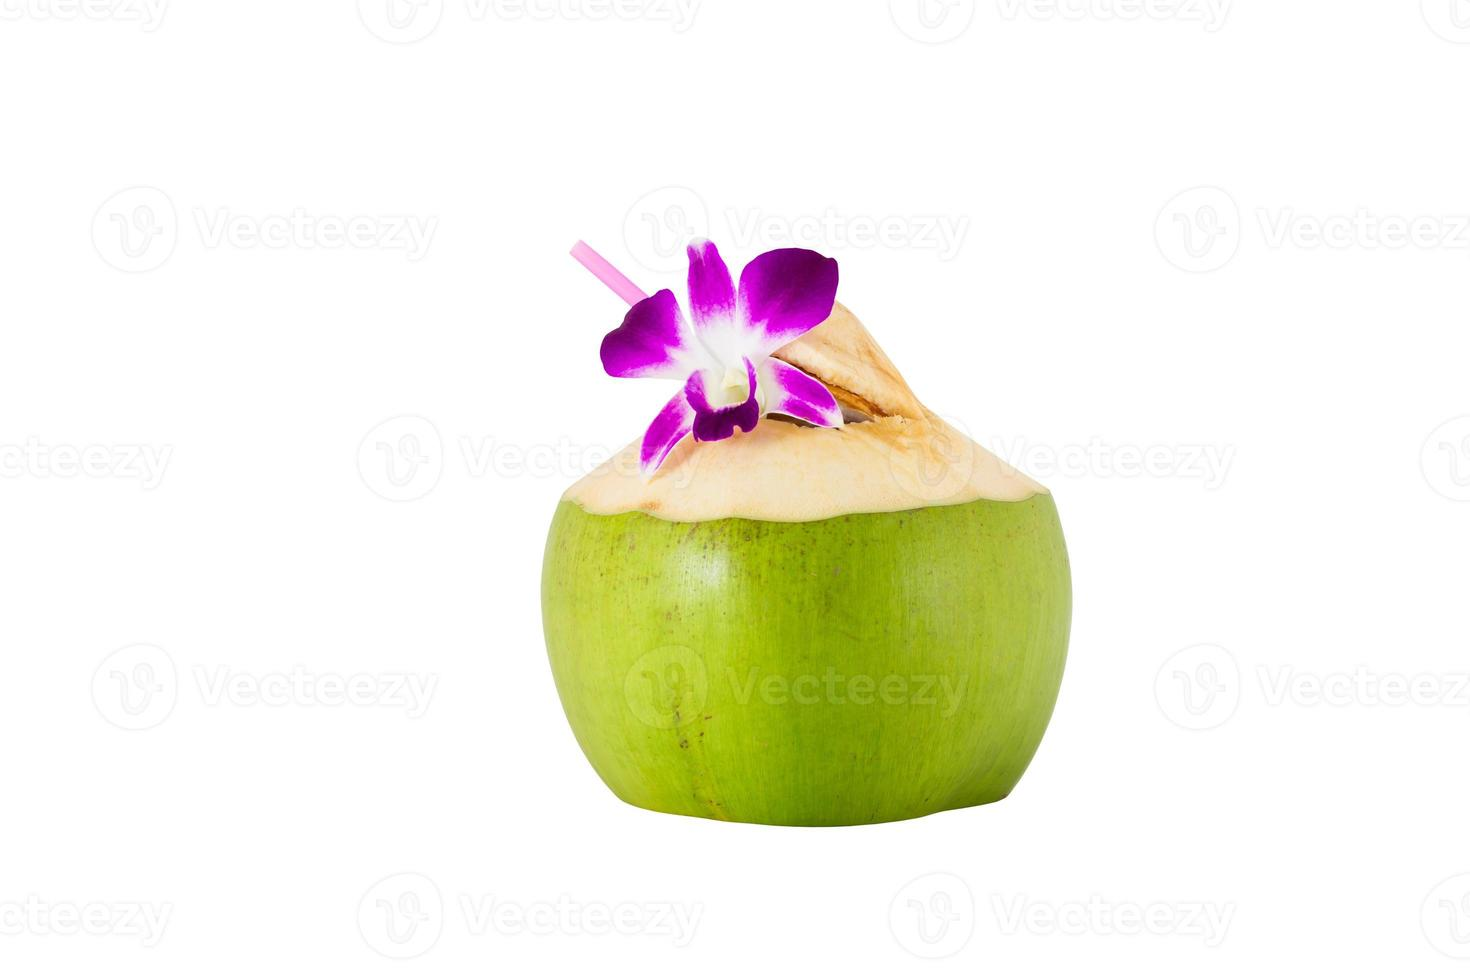 kokos met rietje foto